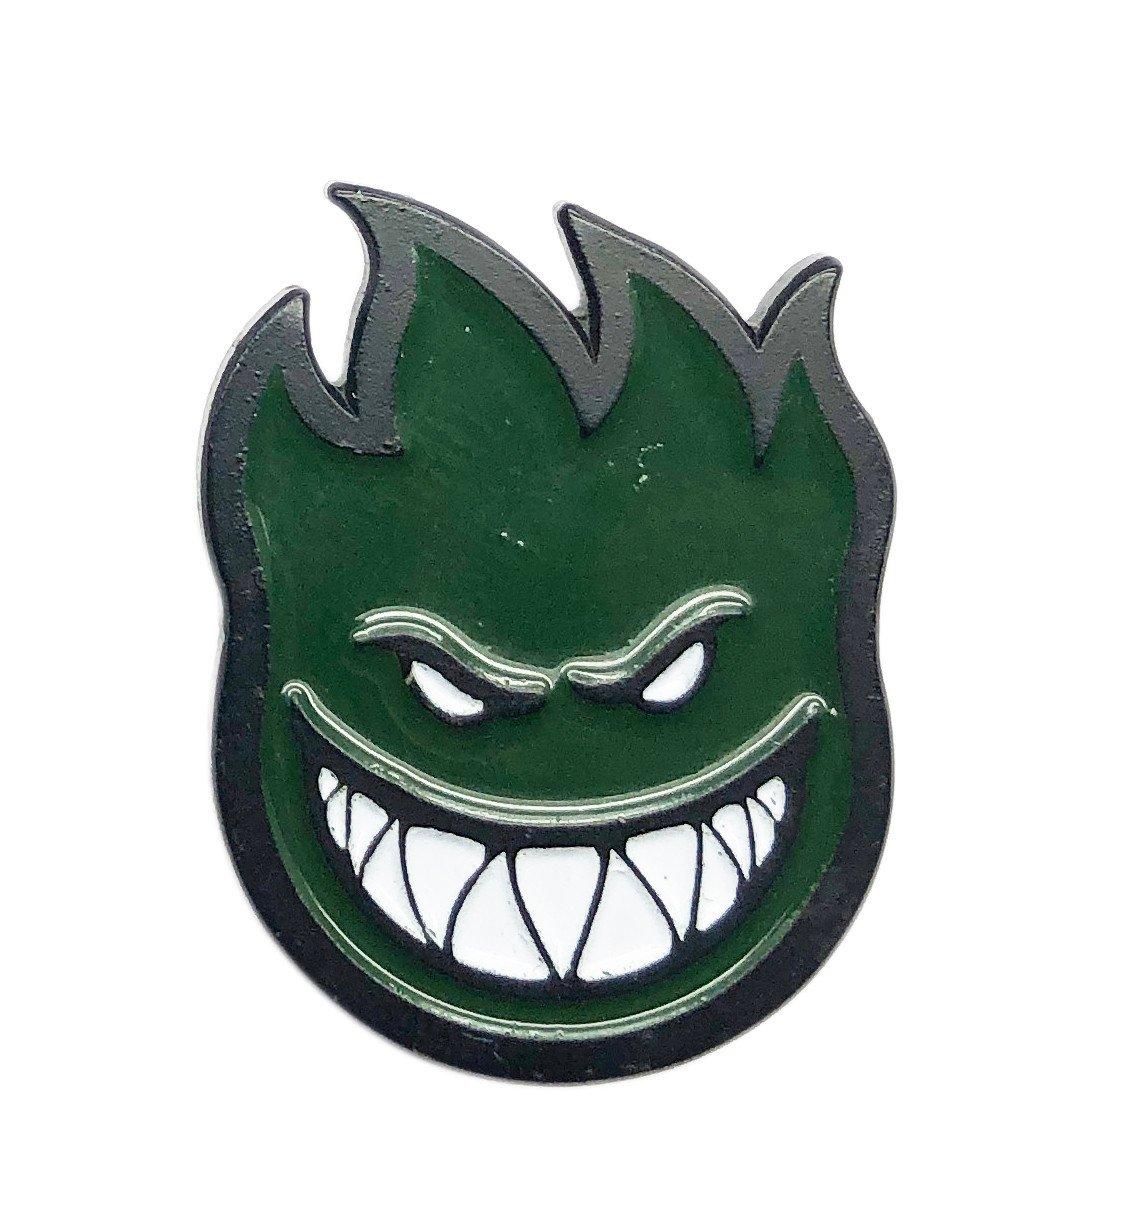 Spitfire Big Head lapel Pin black/green